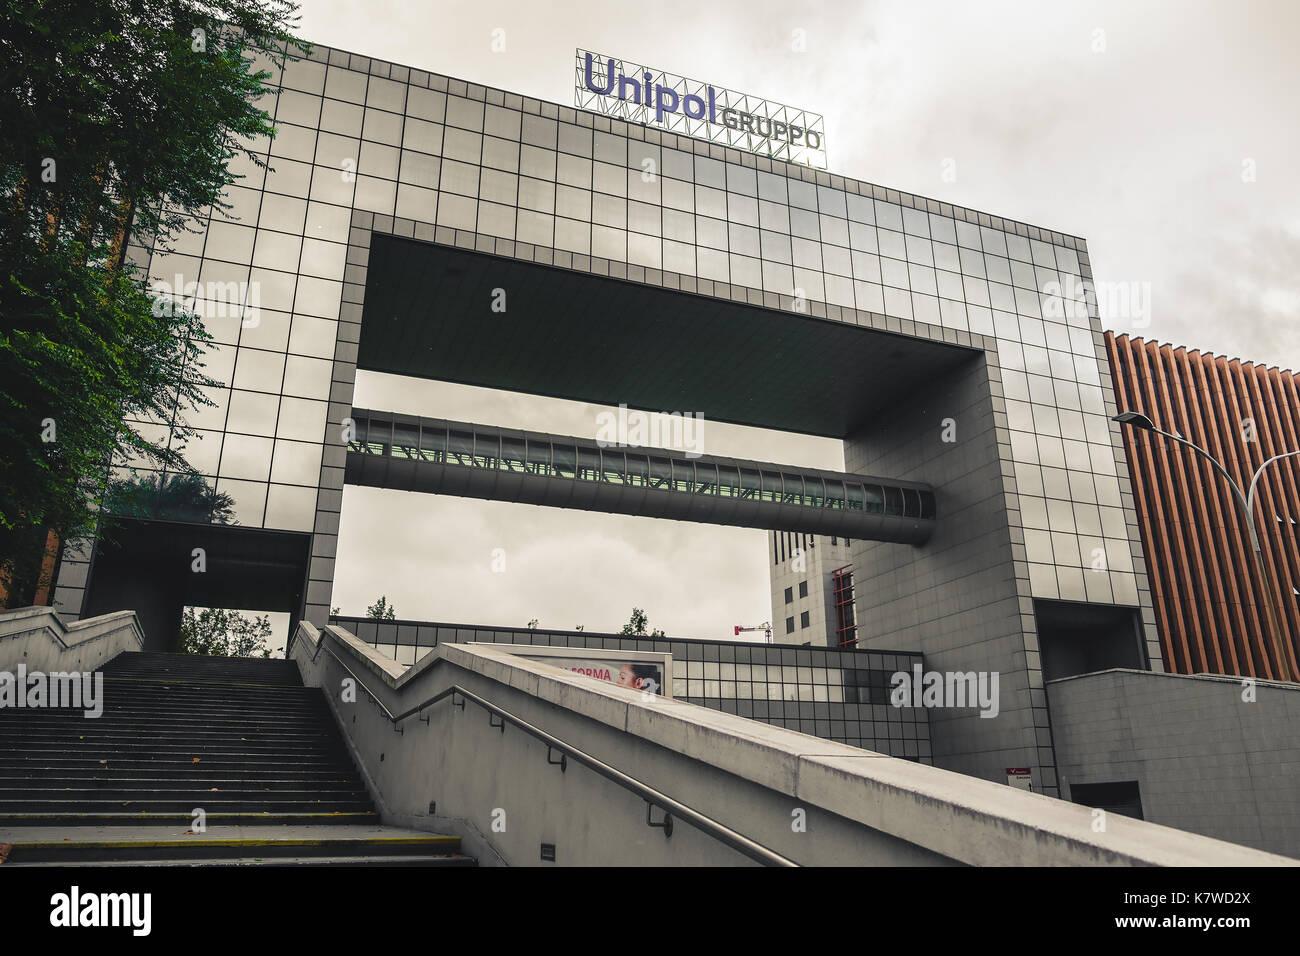 Bologna, Italia, 10 SEP 2017: il gruppo unipol edificio in zona fiera (fair distric) di Bologna. unipol è un famoso Foto Stock